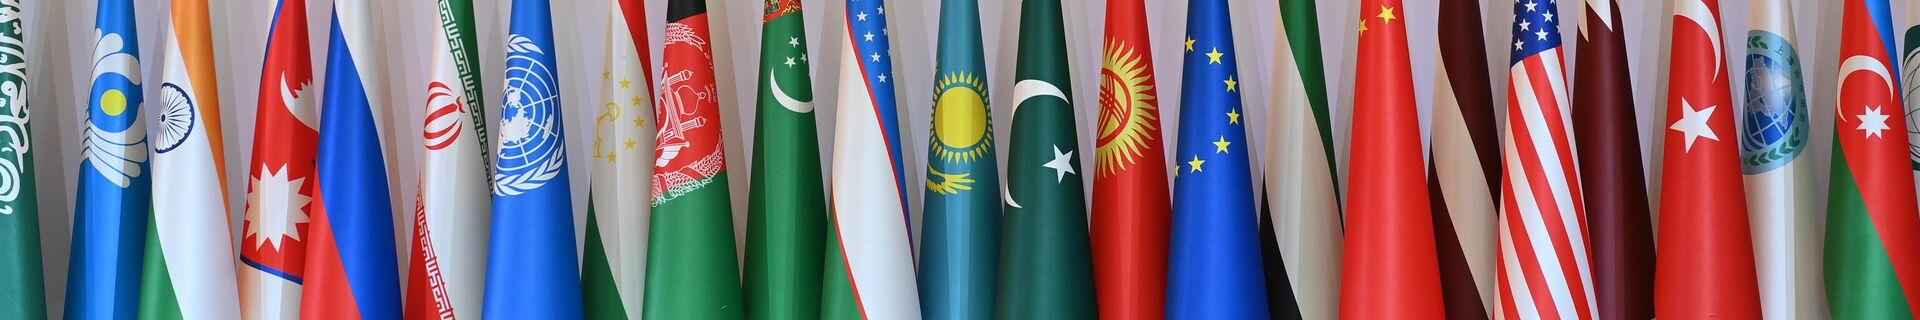 Конференция Центральная и Южная Азия в Ташкенте - Sputnik Узбекистан, 1920